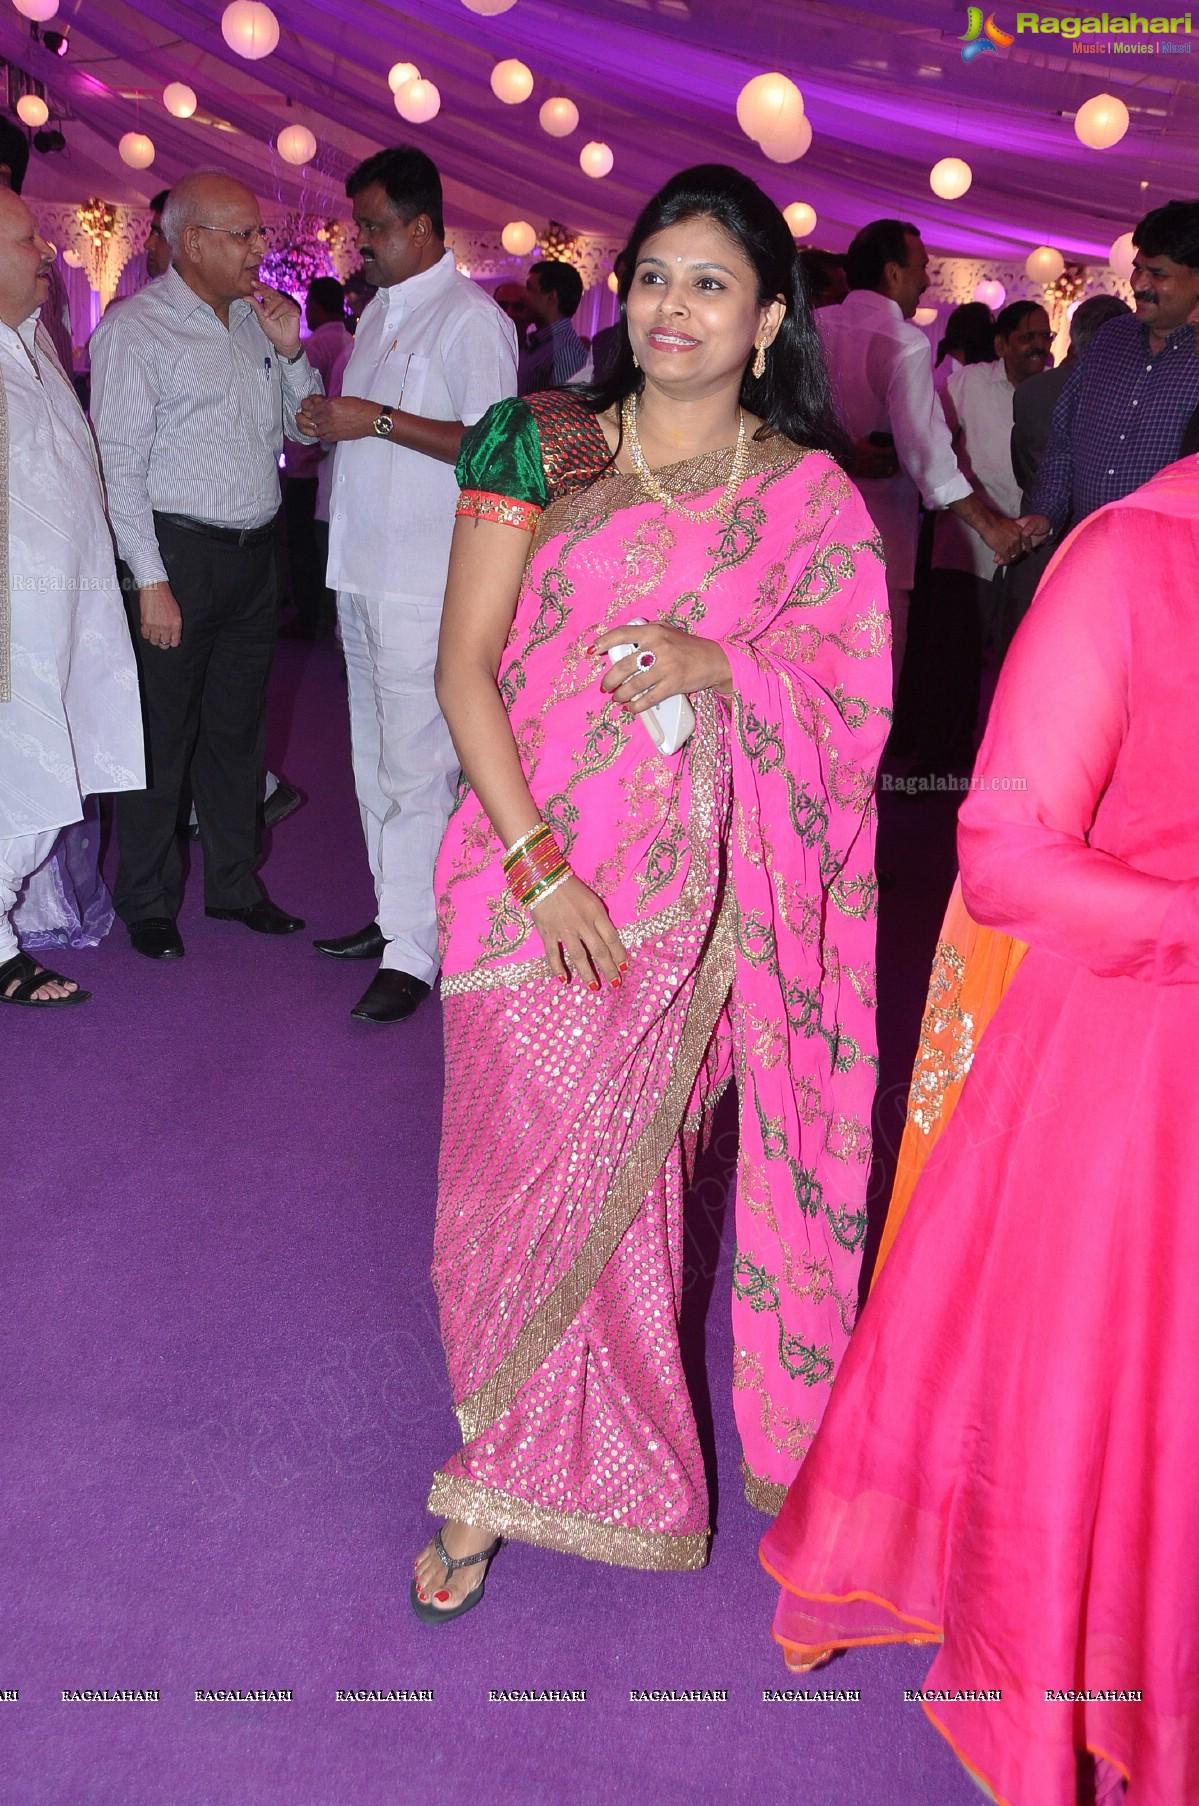 Vishnu and shweta wedding